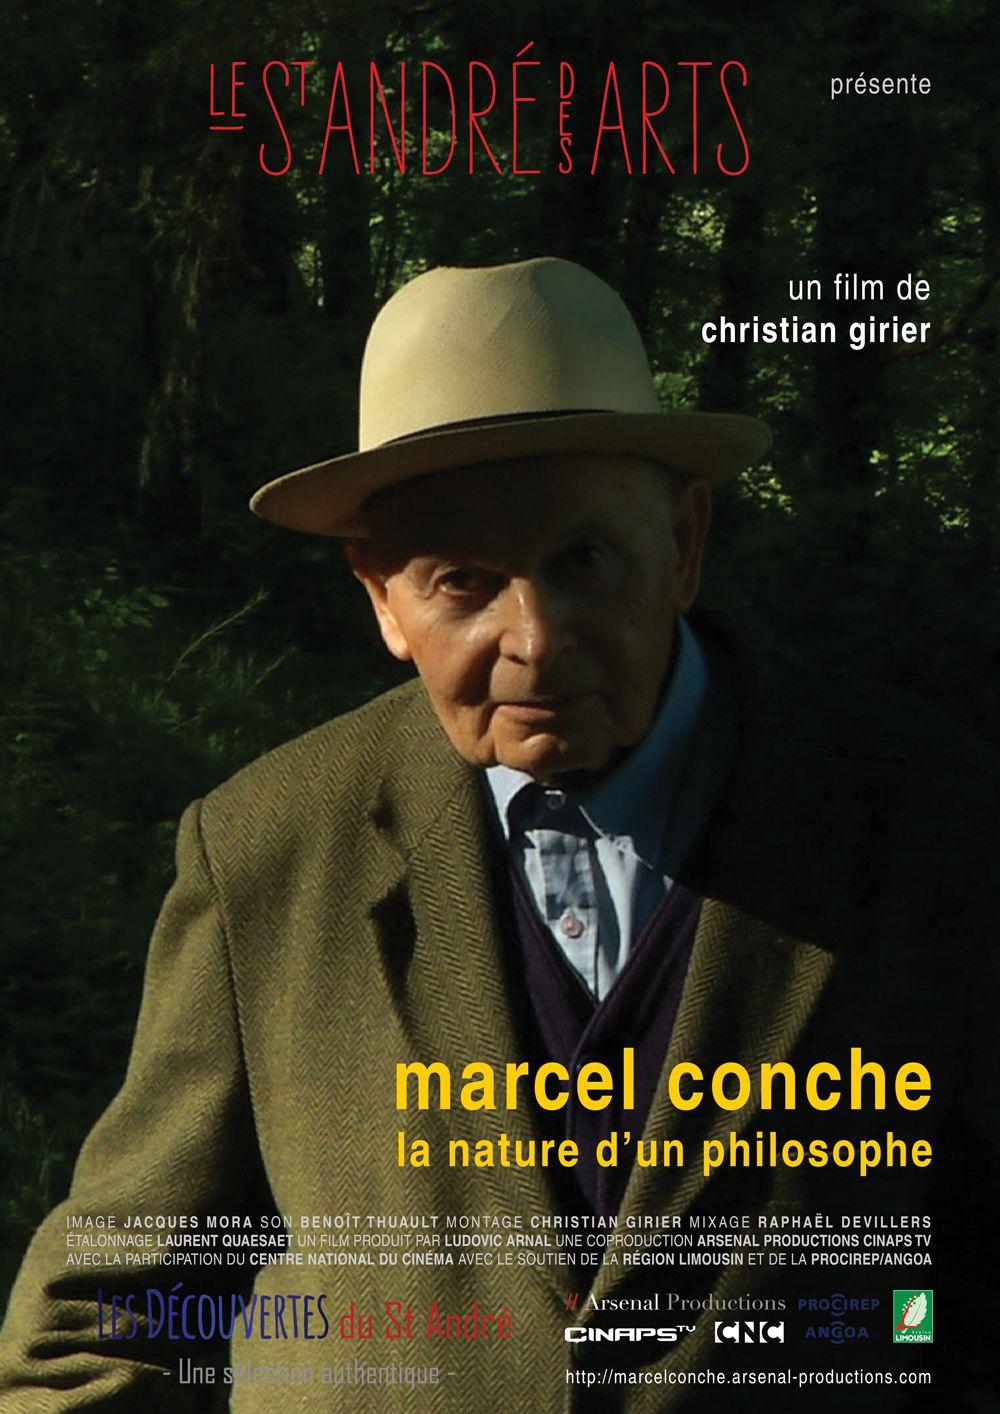 Marcel Conche, la nature d'un philosophe - Documentaire (2015)